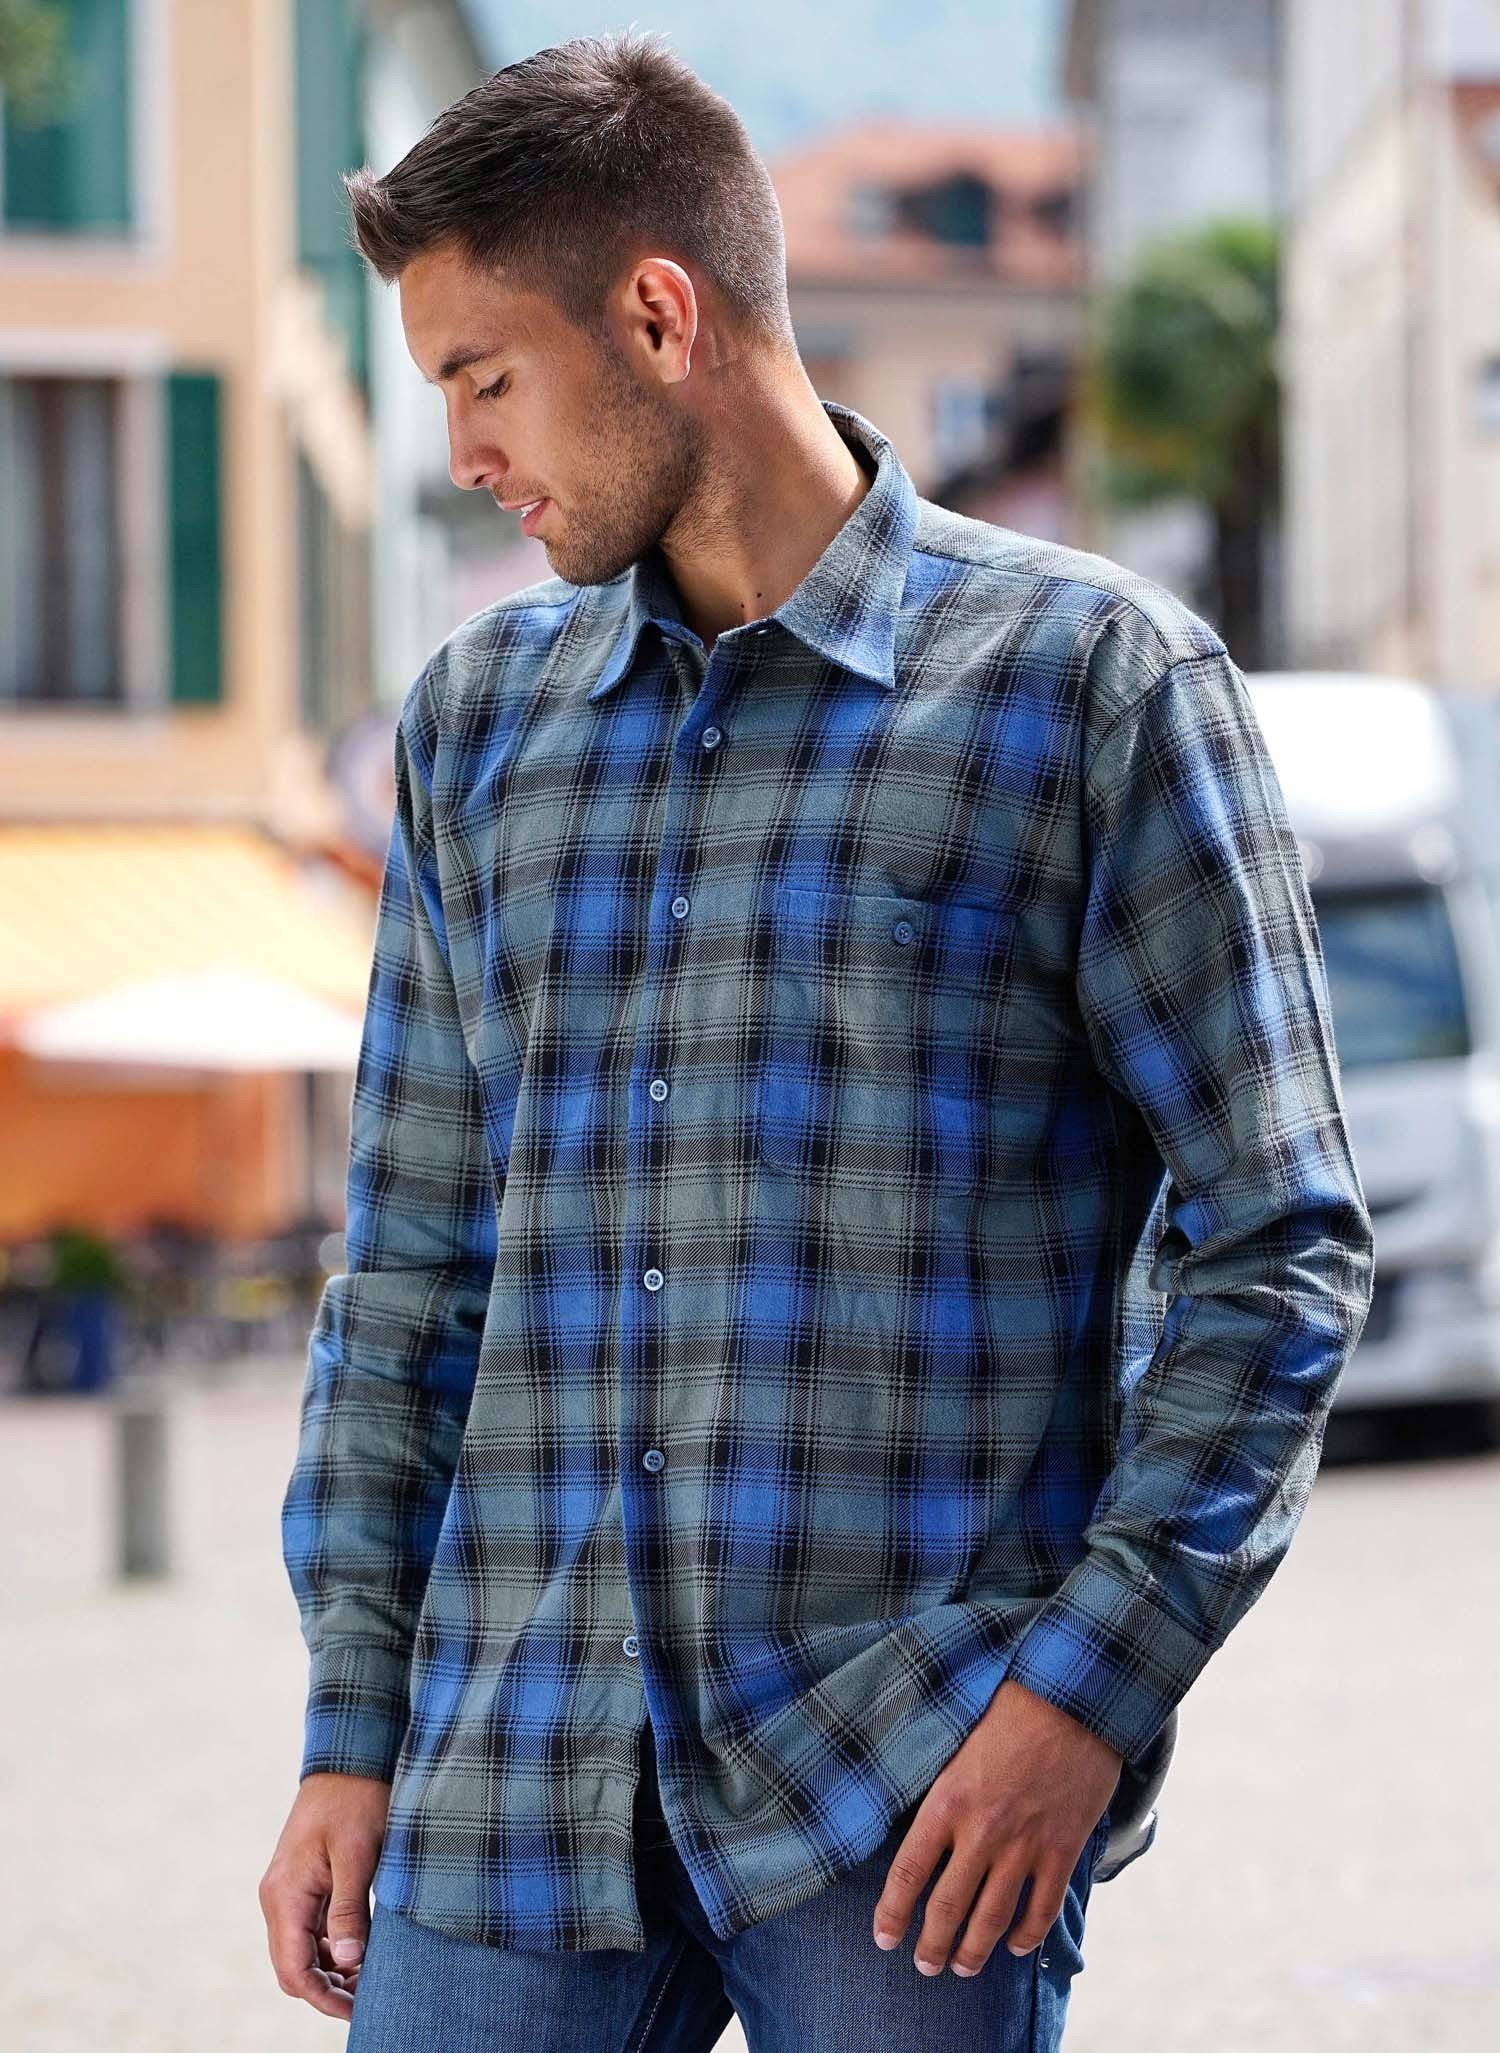 H-Fl-Hemd,karo,blau/grau L - 1 - Ronja.ch